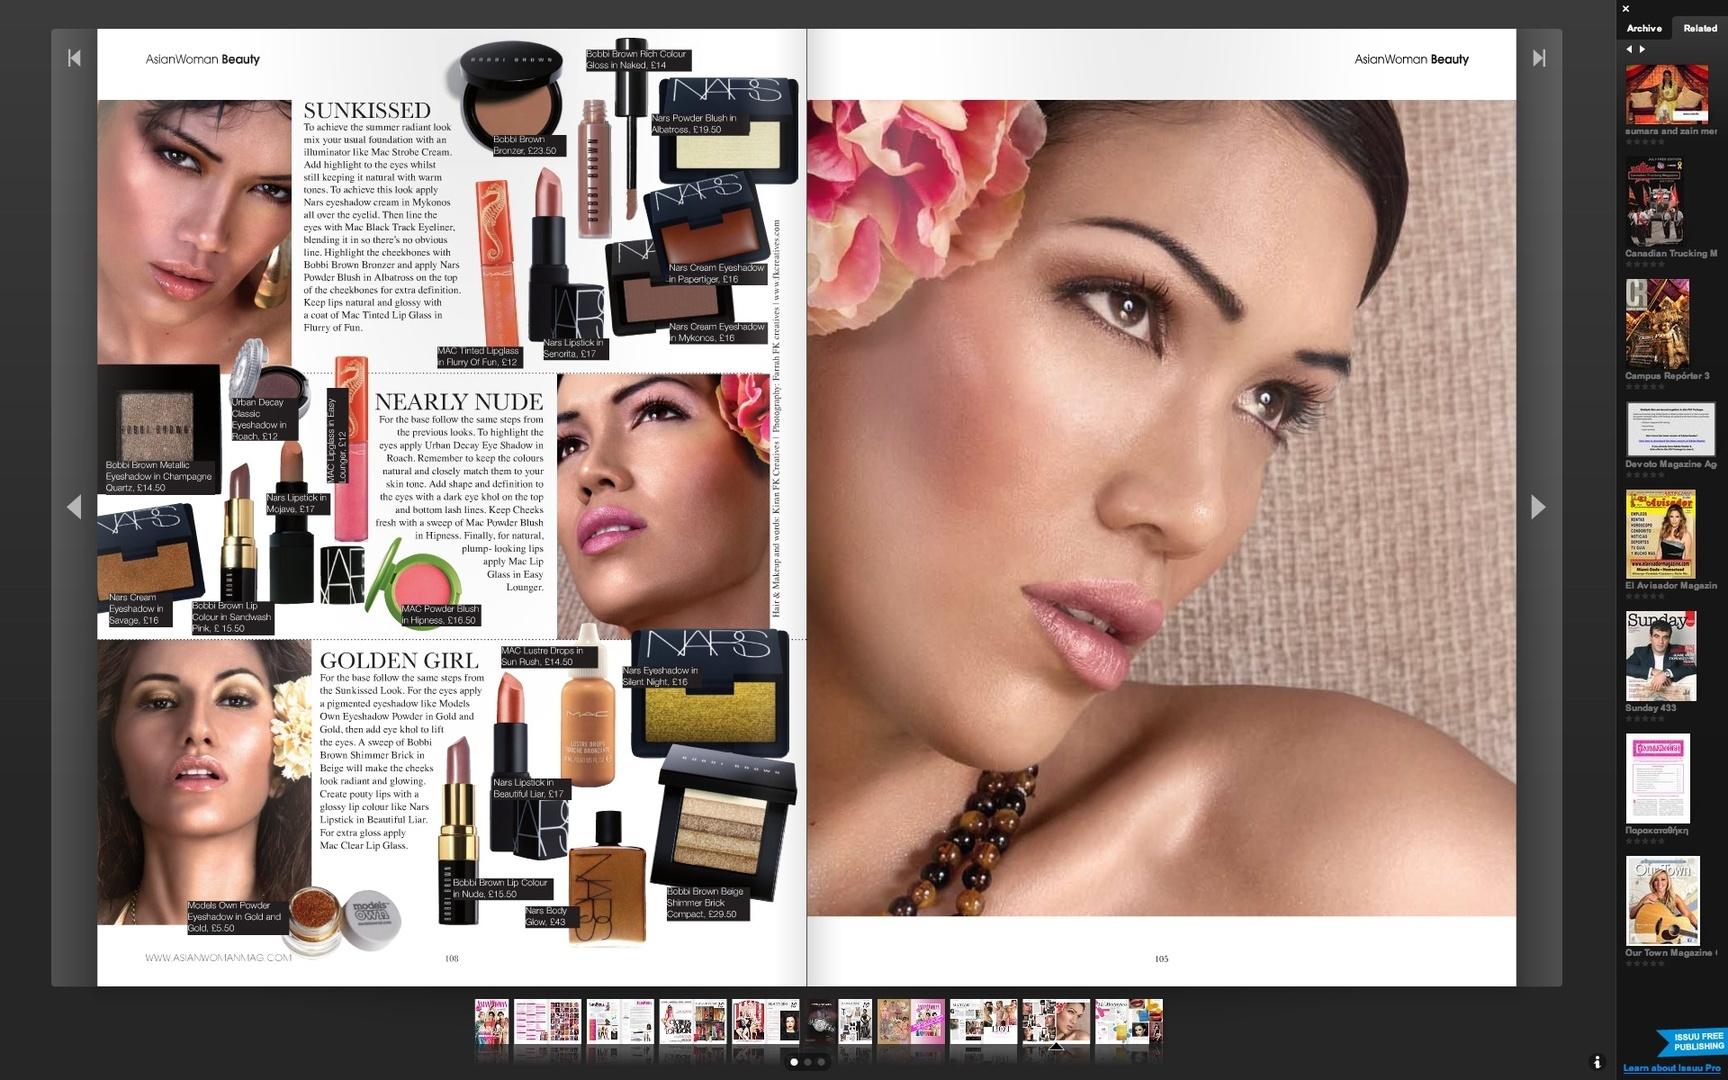 asian woman website screenshots 10.jpeg